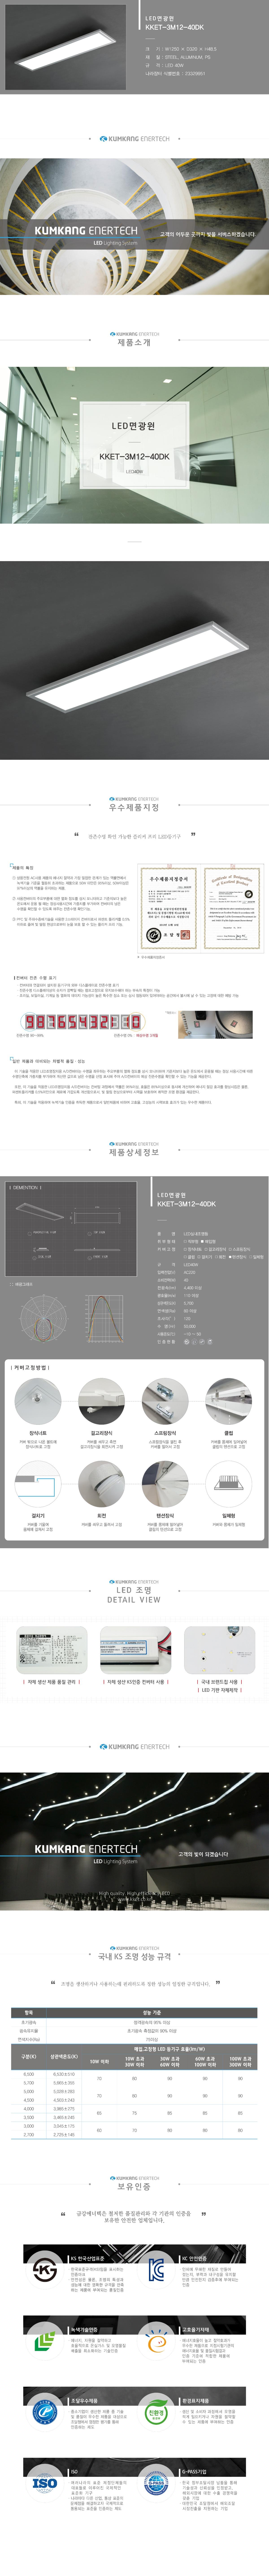 KKET-3M12-40DK-01-01.jpg